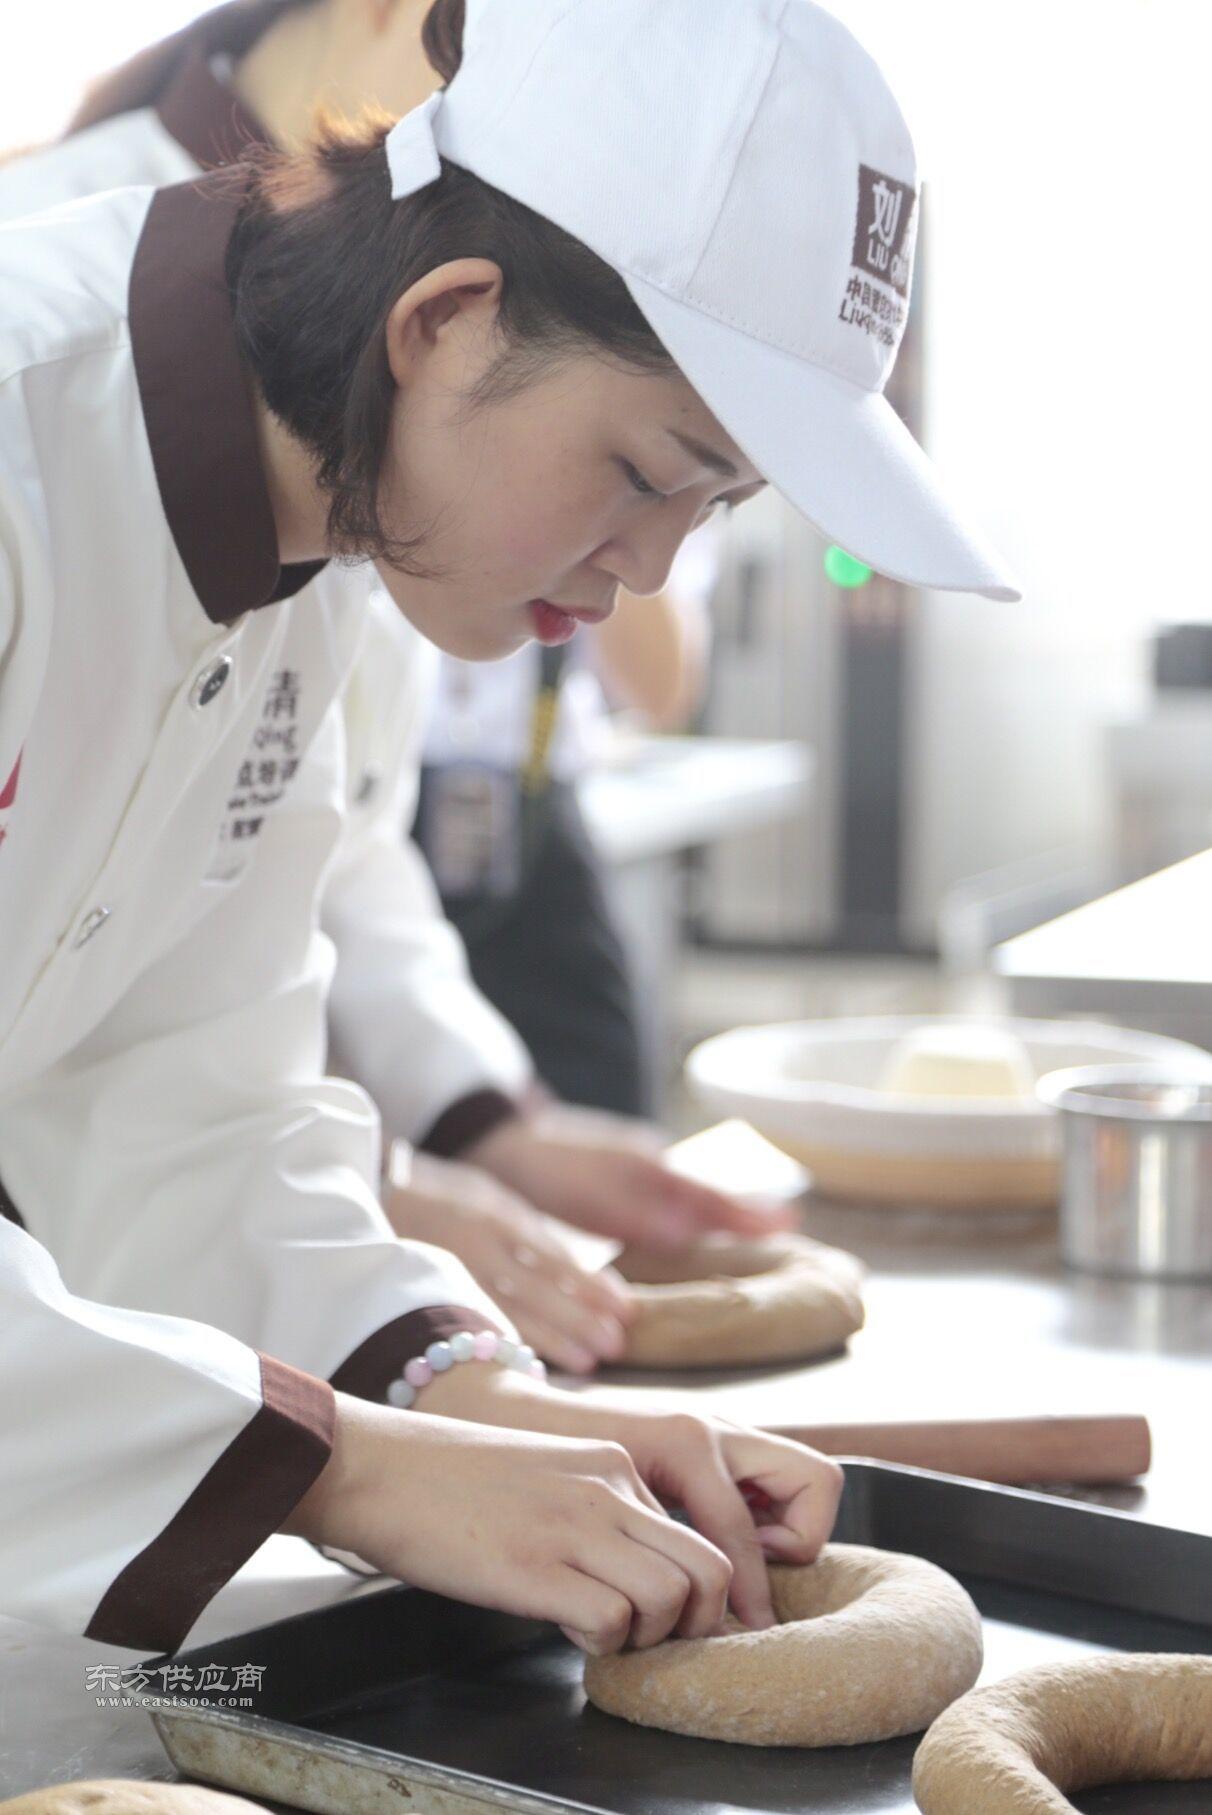 宜春蛋糕培训学校|蛋糕培训学校|刘清西点图片